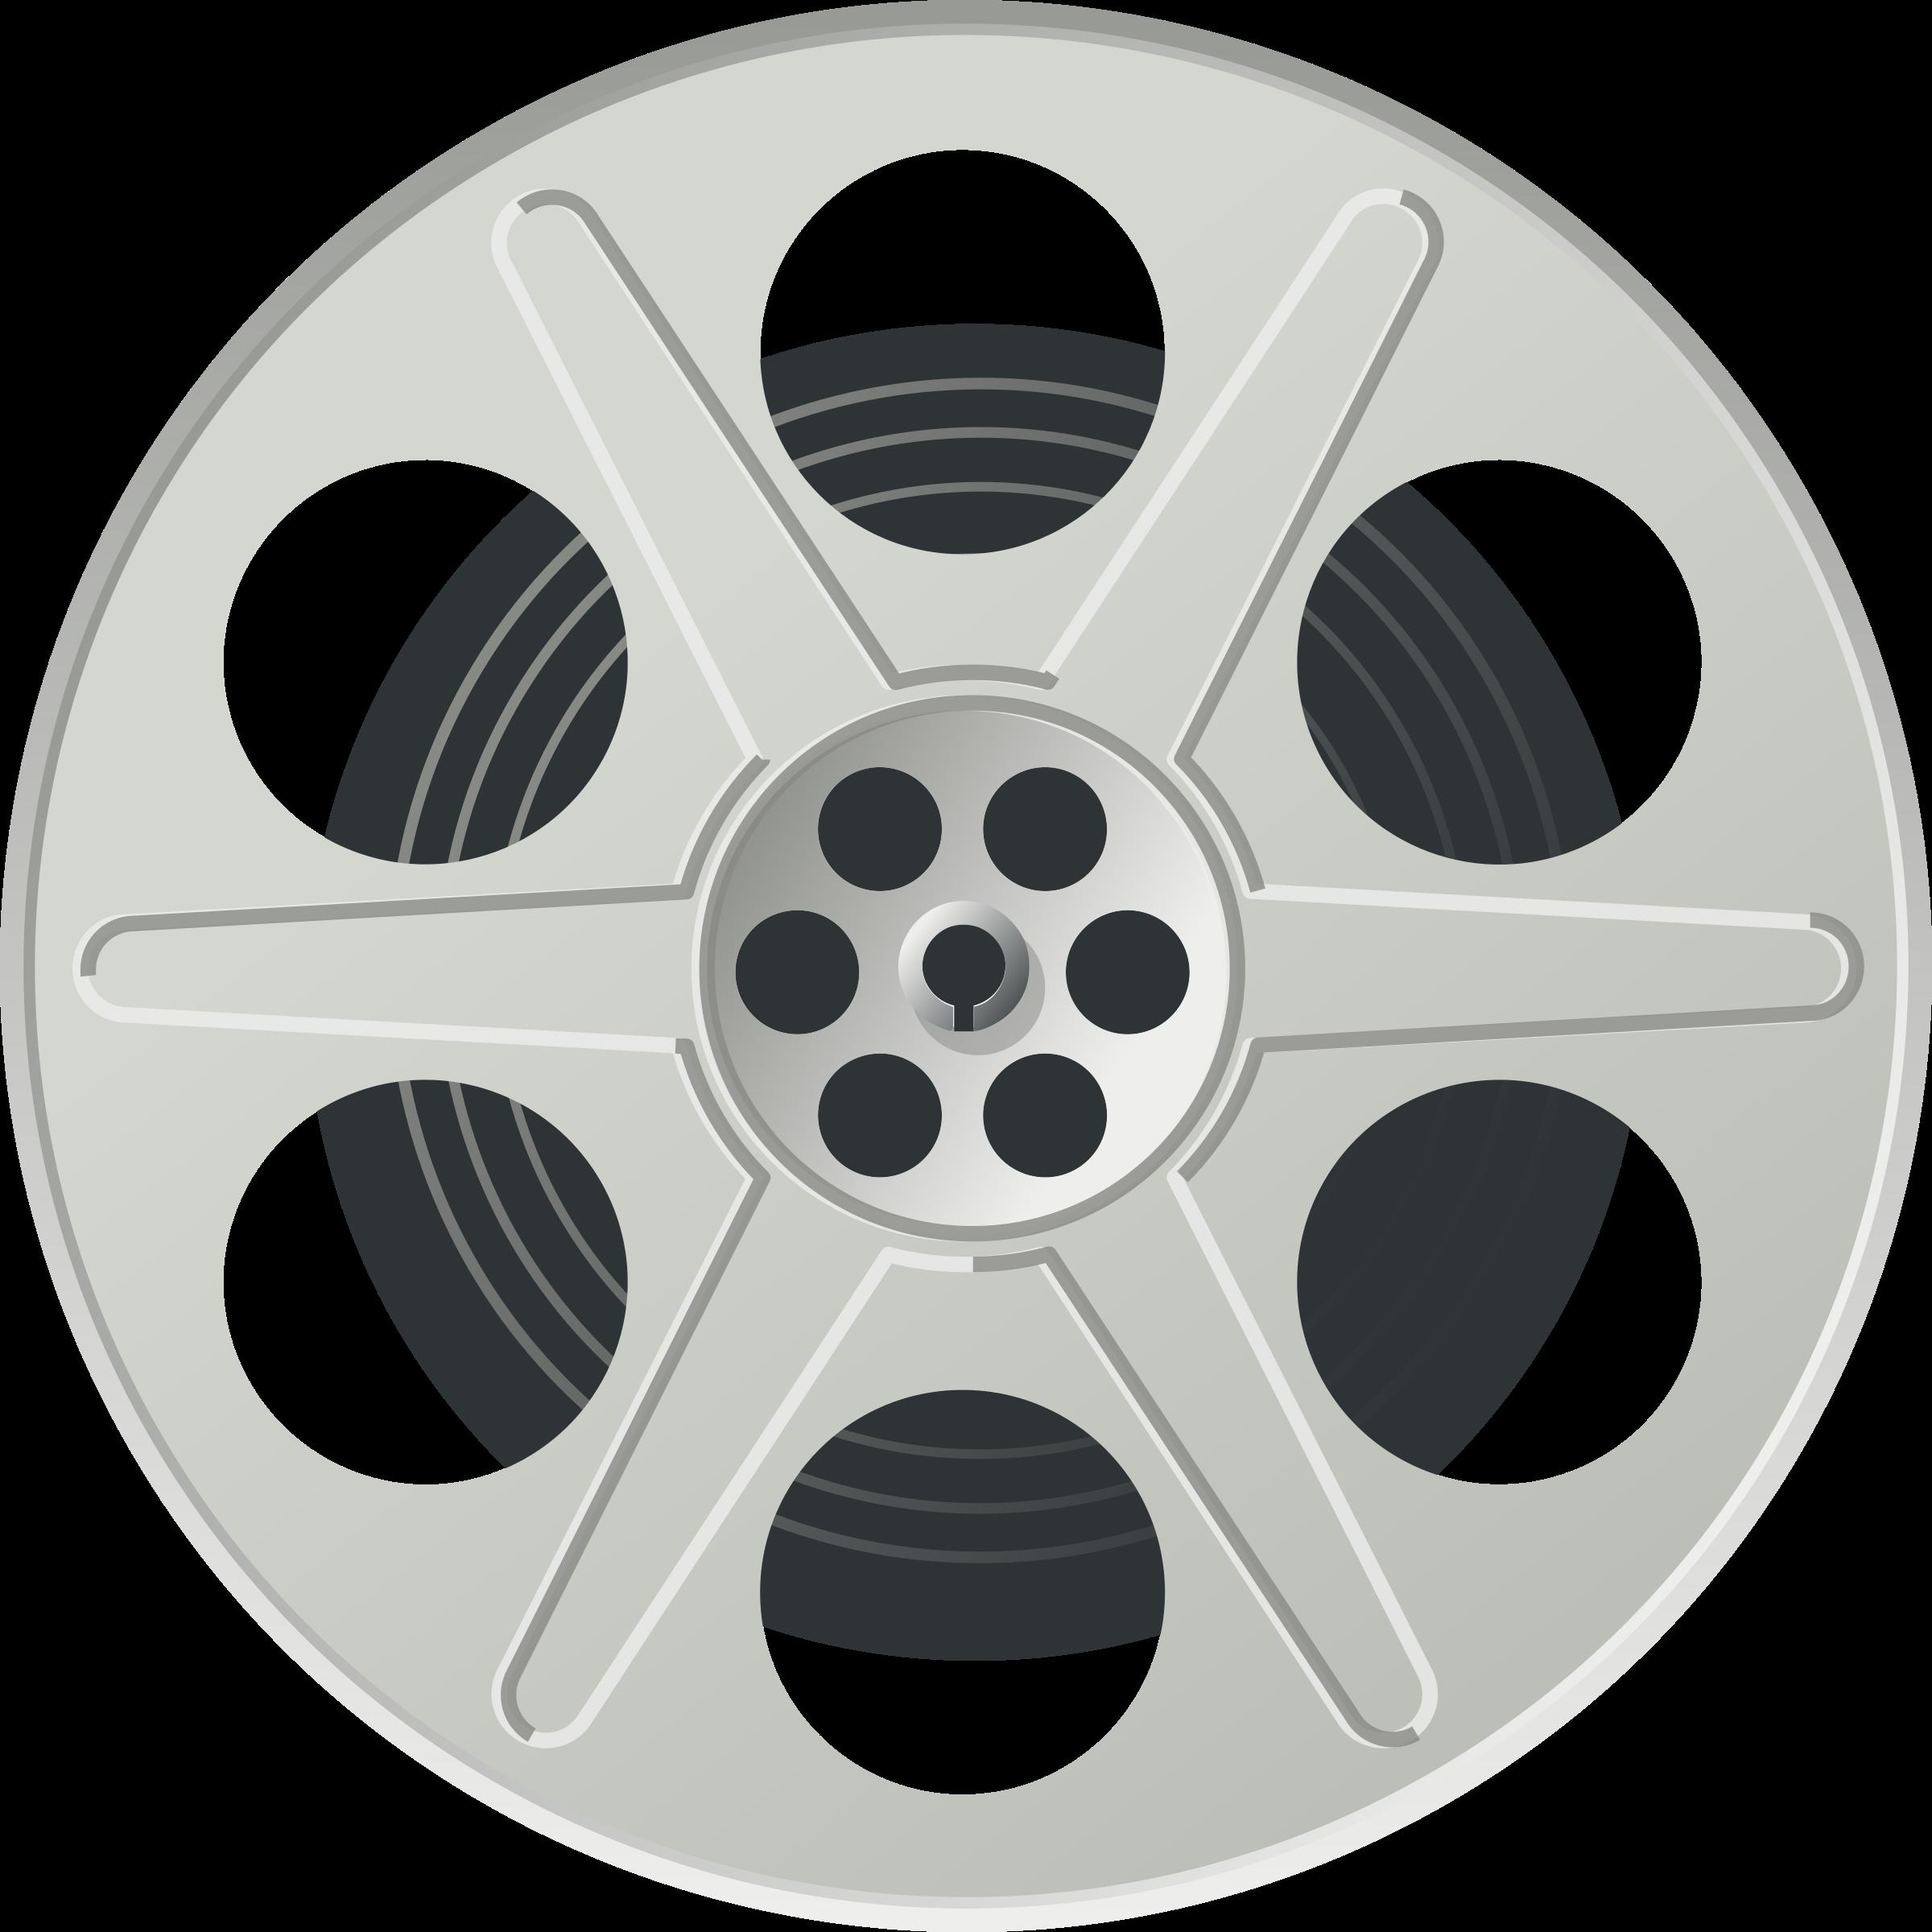 BIG IMAGE (PNG) - Movie Reel PNG